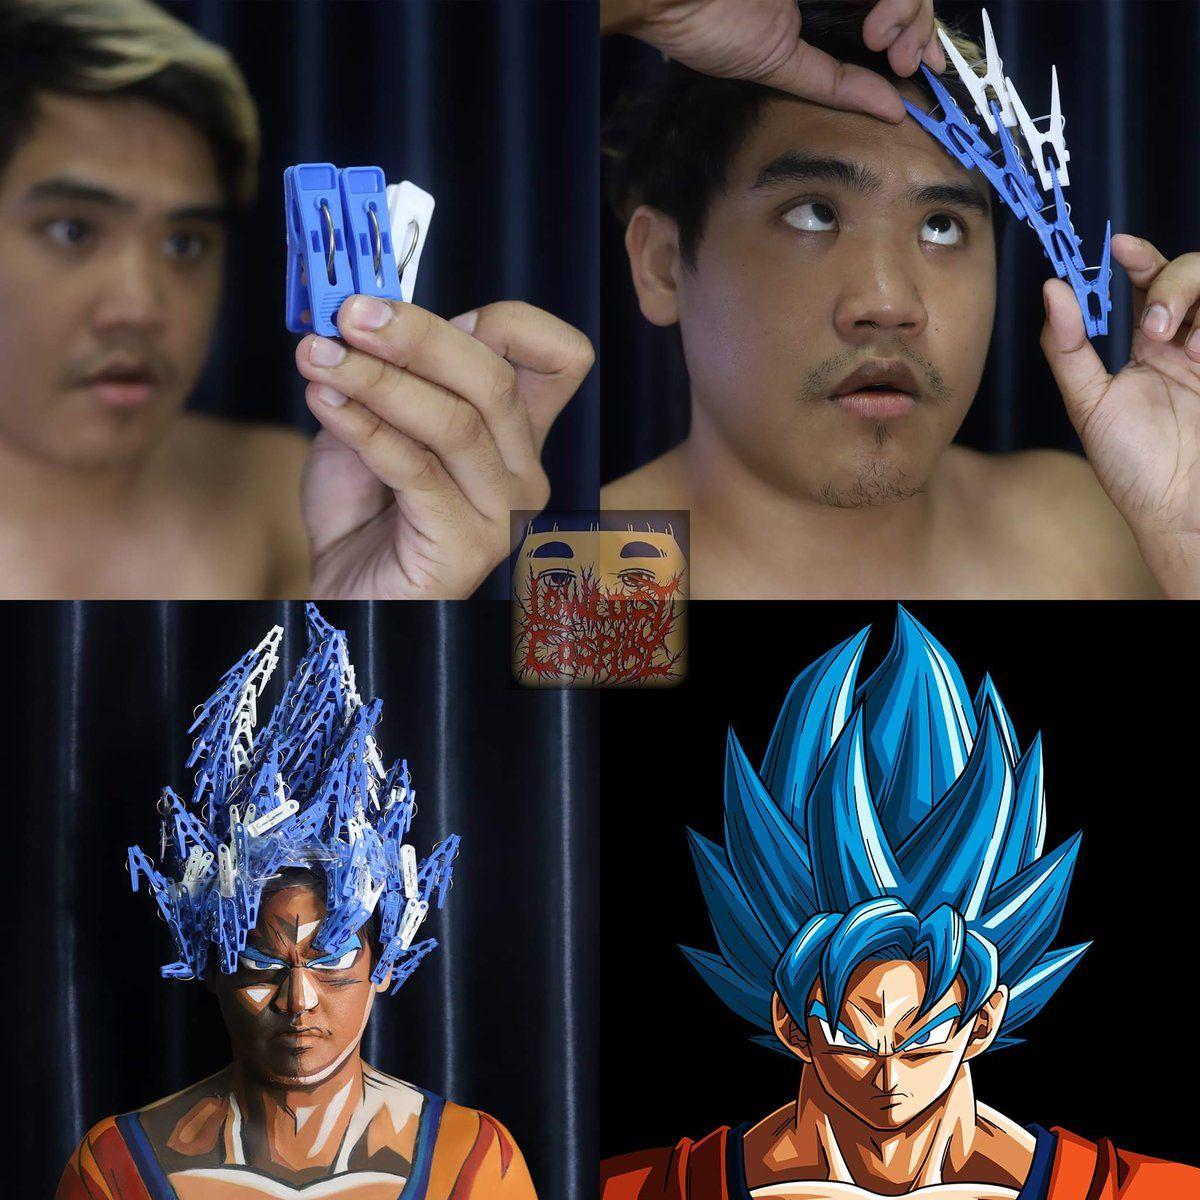 Hilarious Super Saiyan Blue Goku Cosplay On A Budget In 2020 Funny Cosplay Cosplay Anime Goku Cosplay